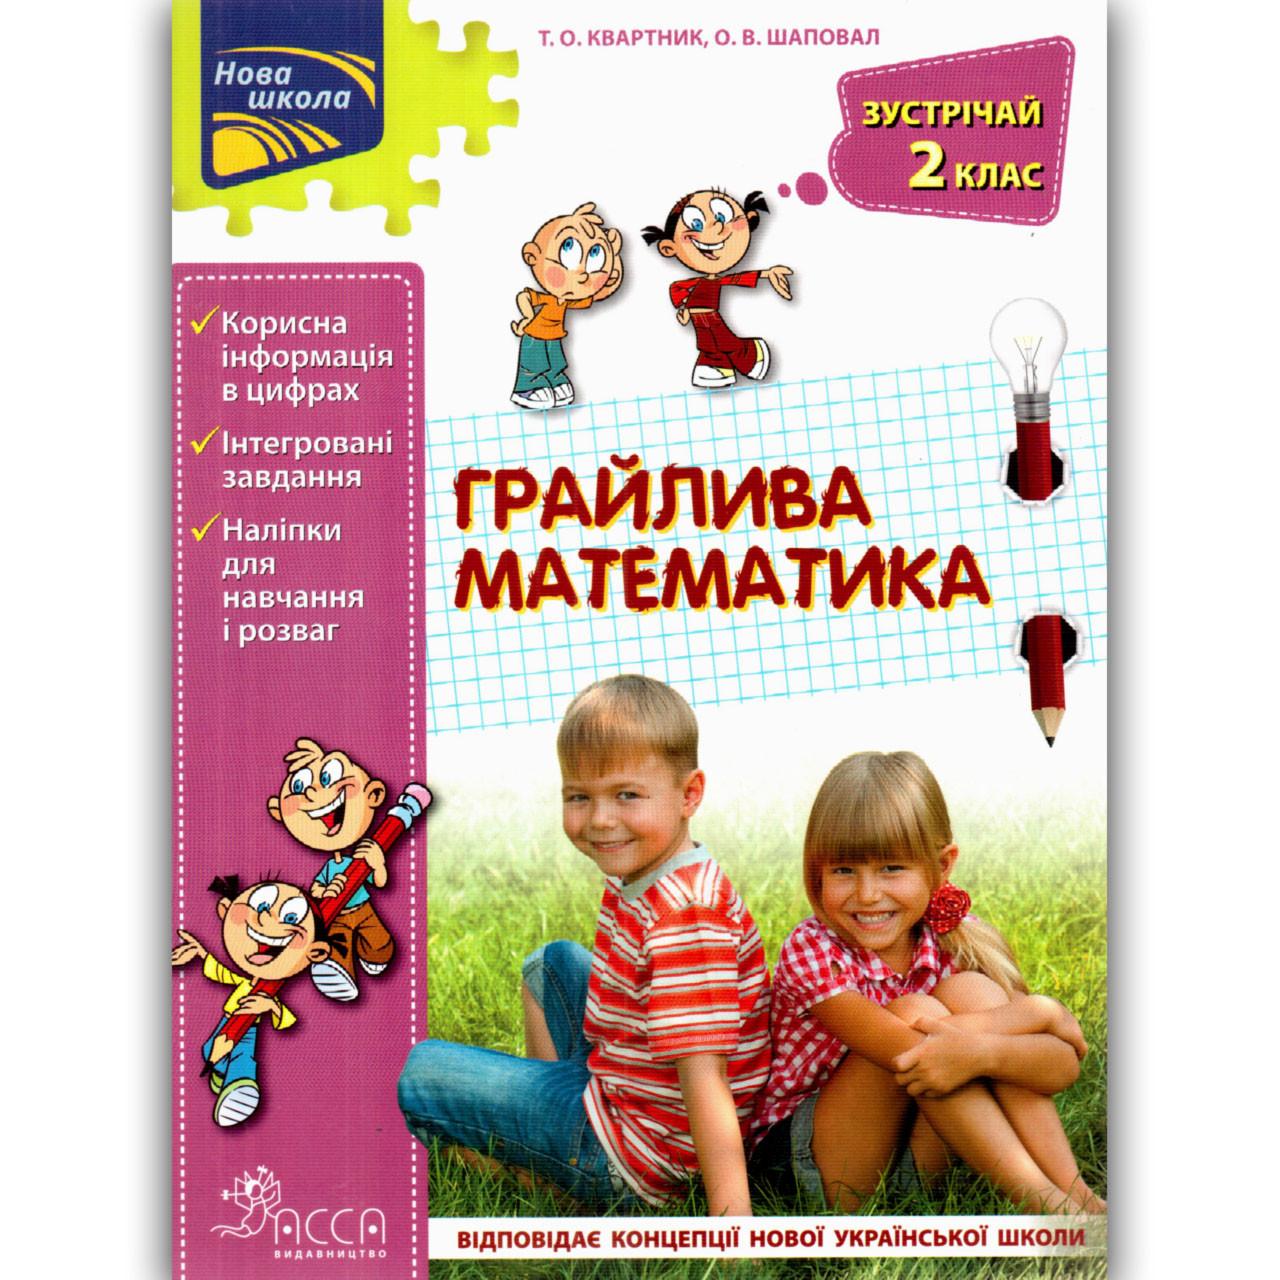 Літній зошит Грайлива математика Зустрічай 2 клас Авт: Квартник Т. Вид: АССА